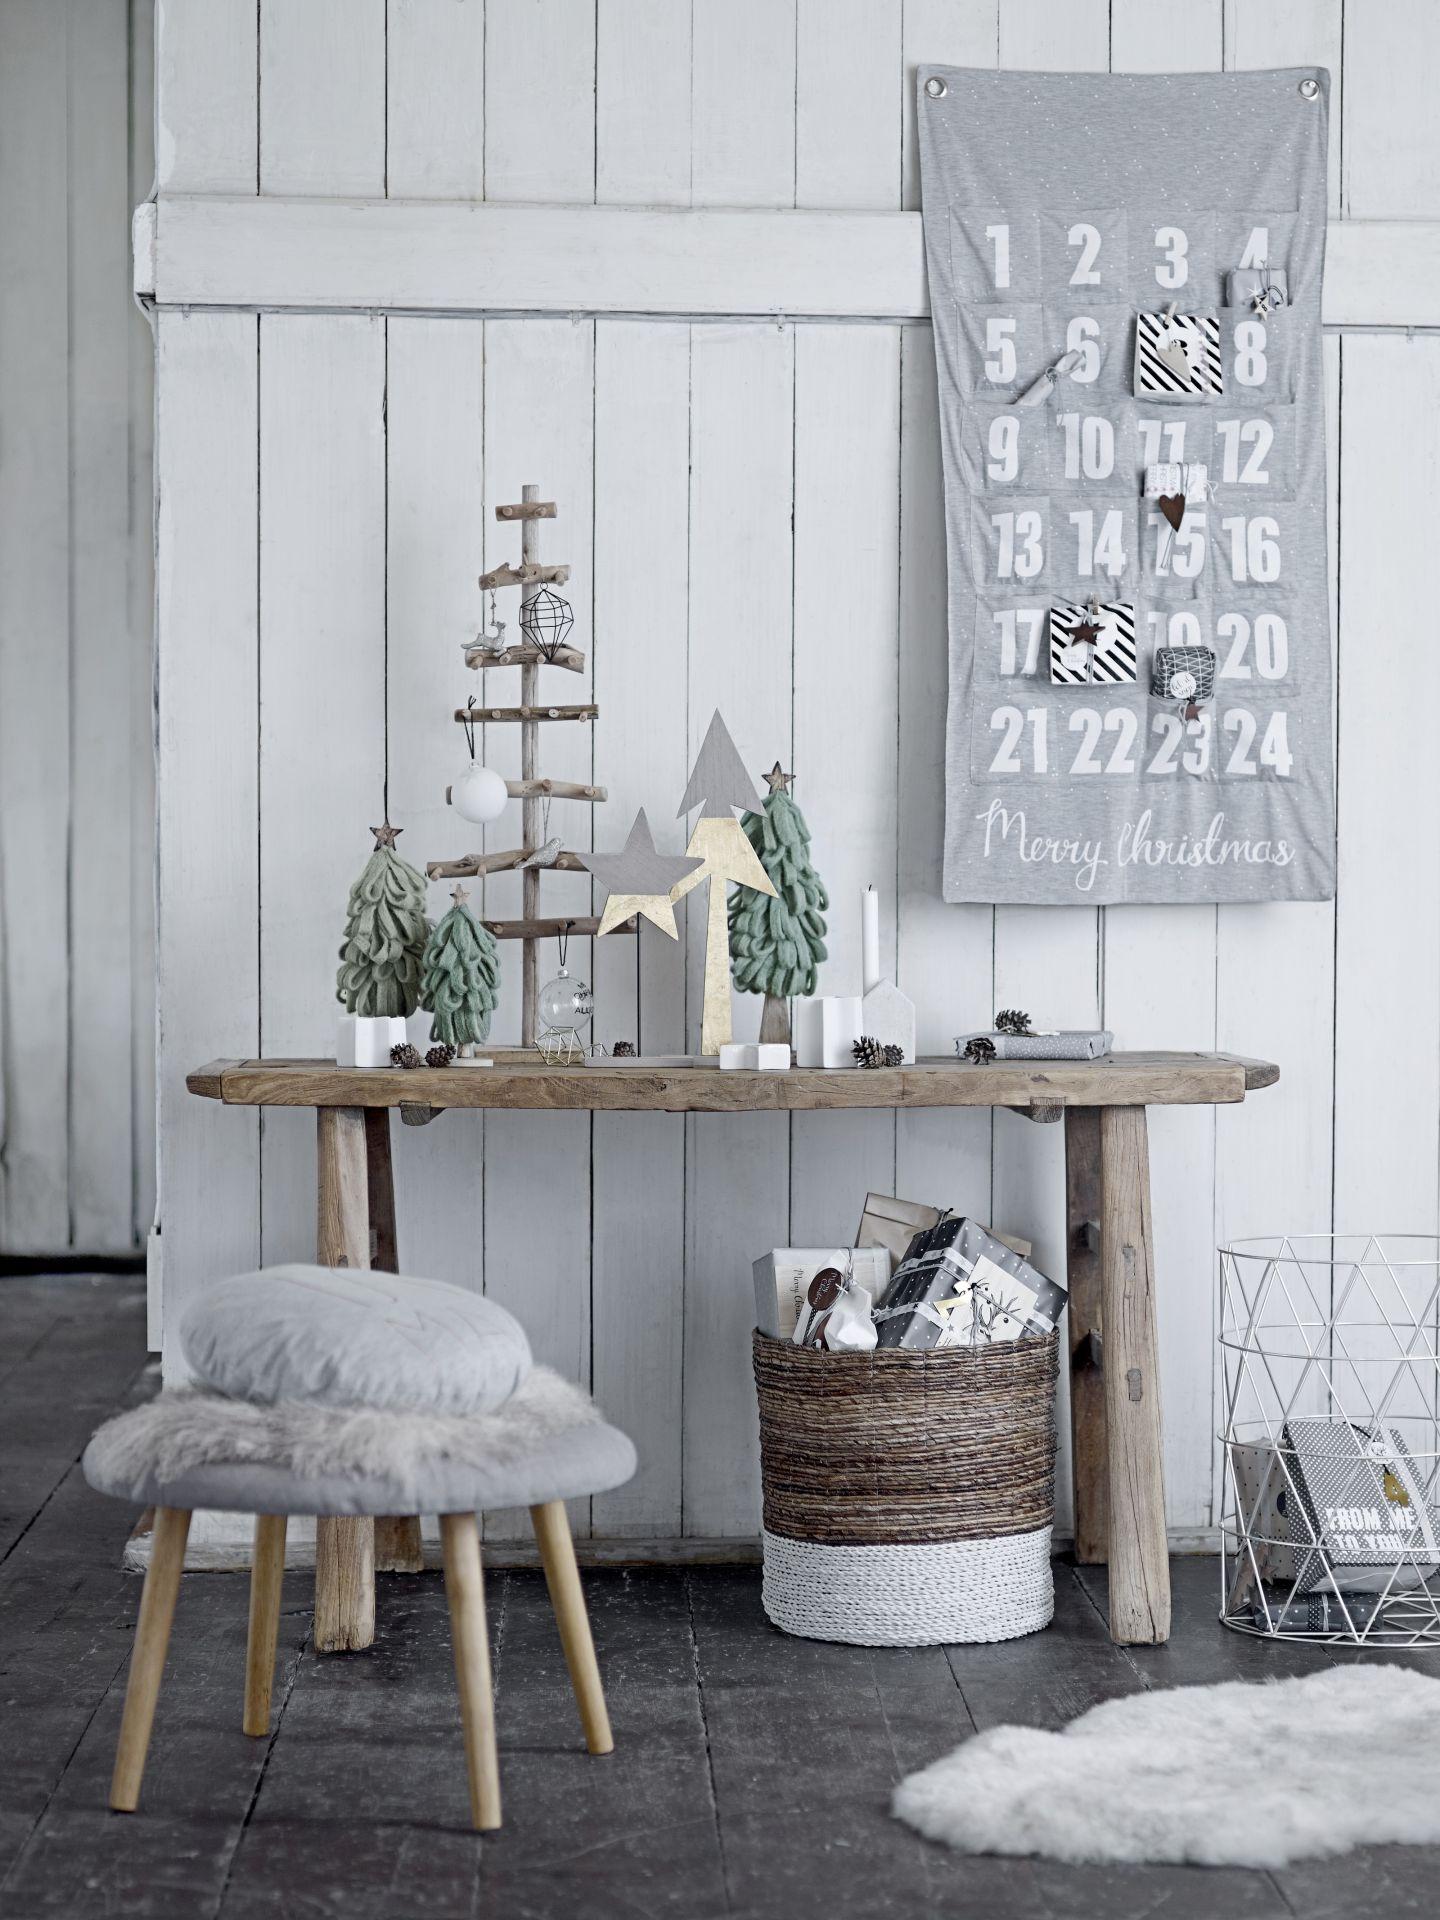 adventni kalendar latkovy Textilní adventní kalendář | Nordic Day adventni kalendar latkovy